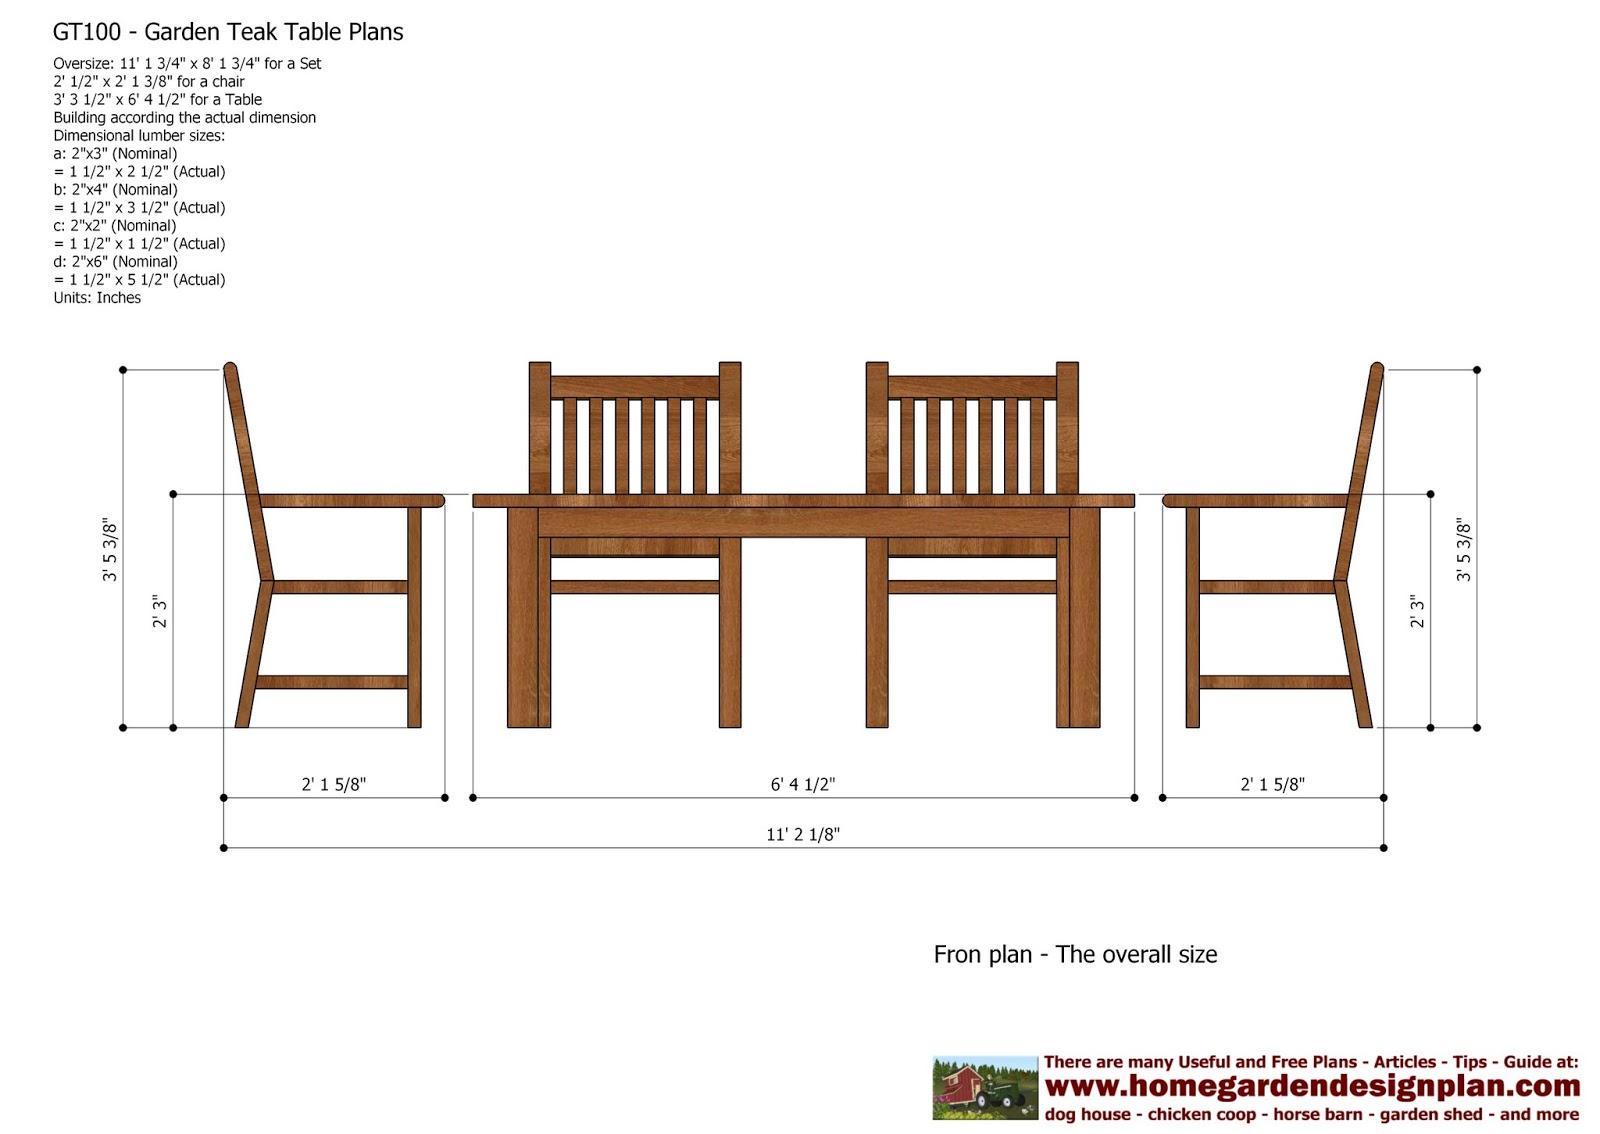 Garden Chair Design Plans Mould Home Gt100 Teak Tables